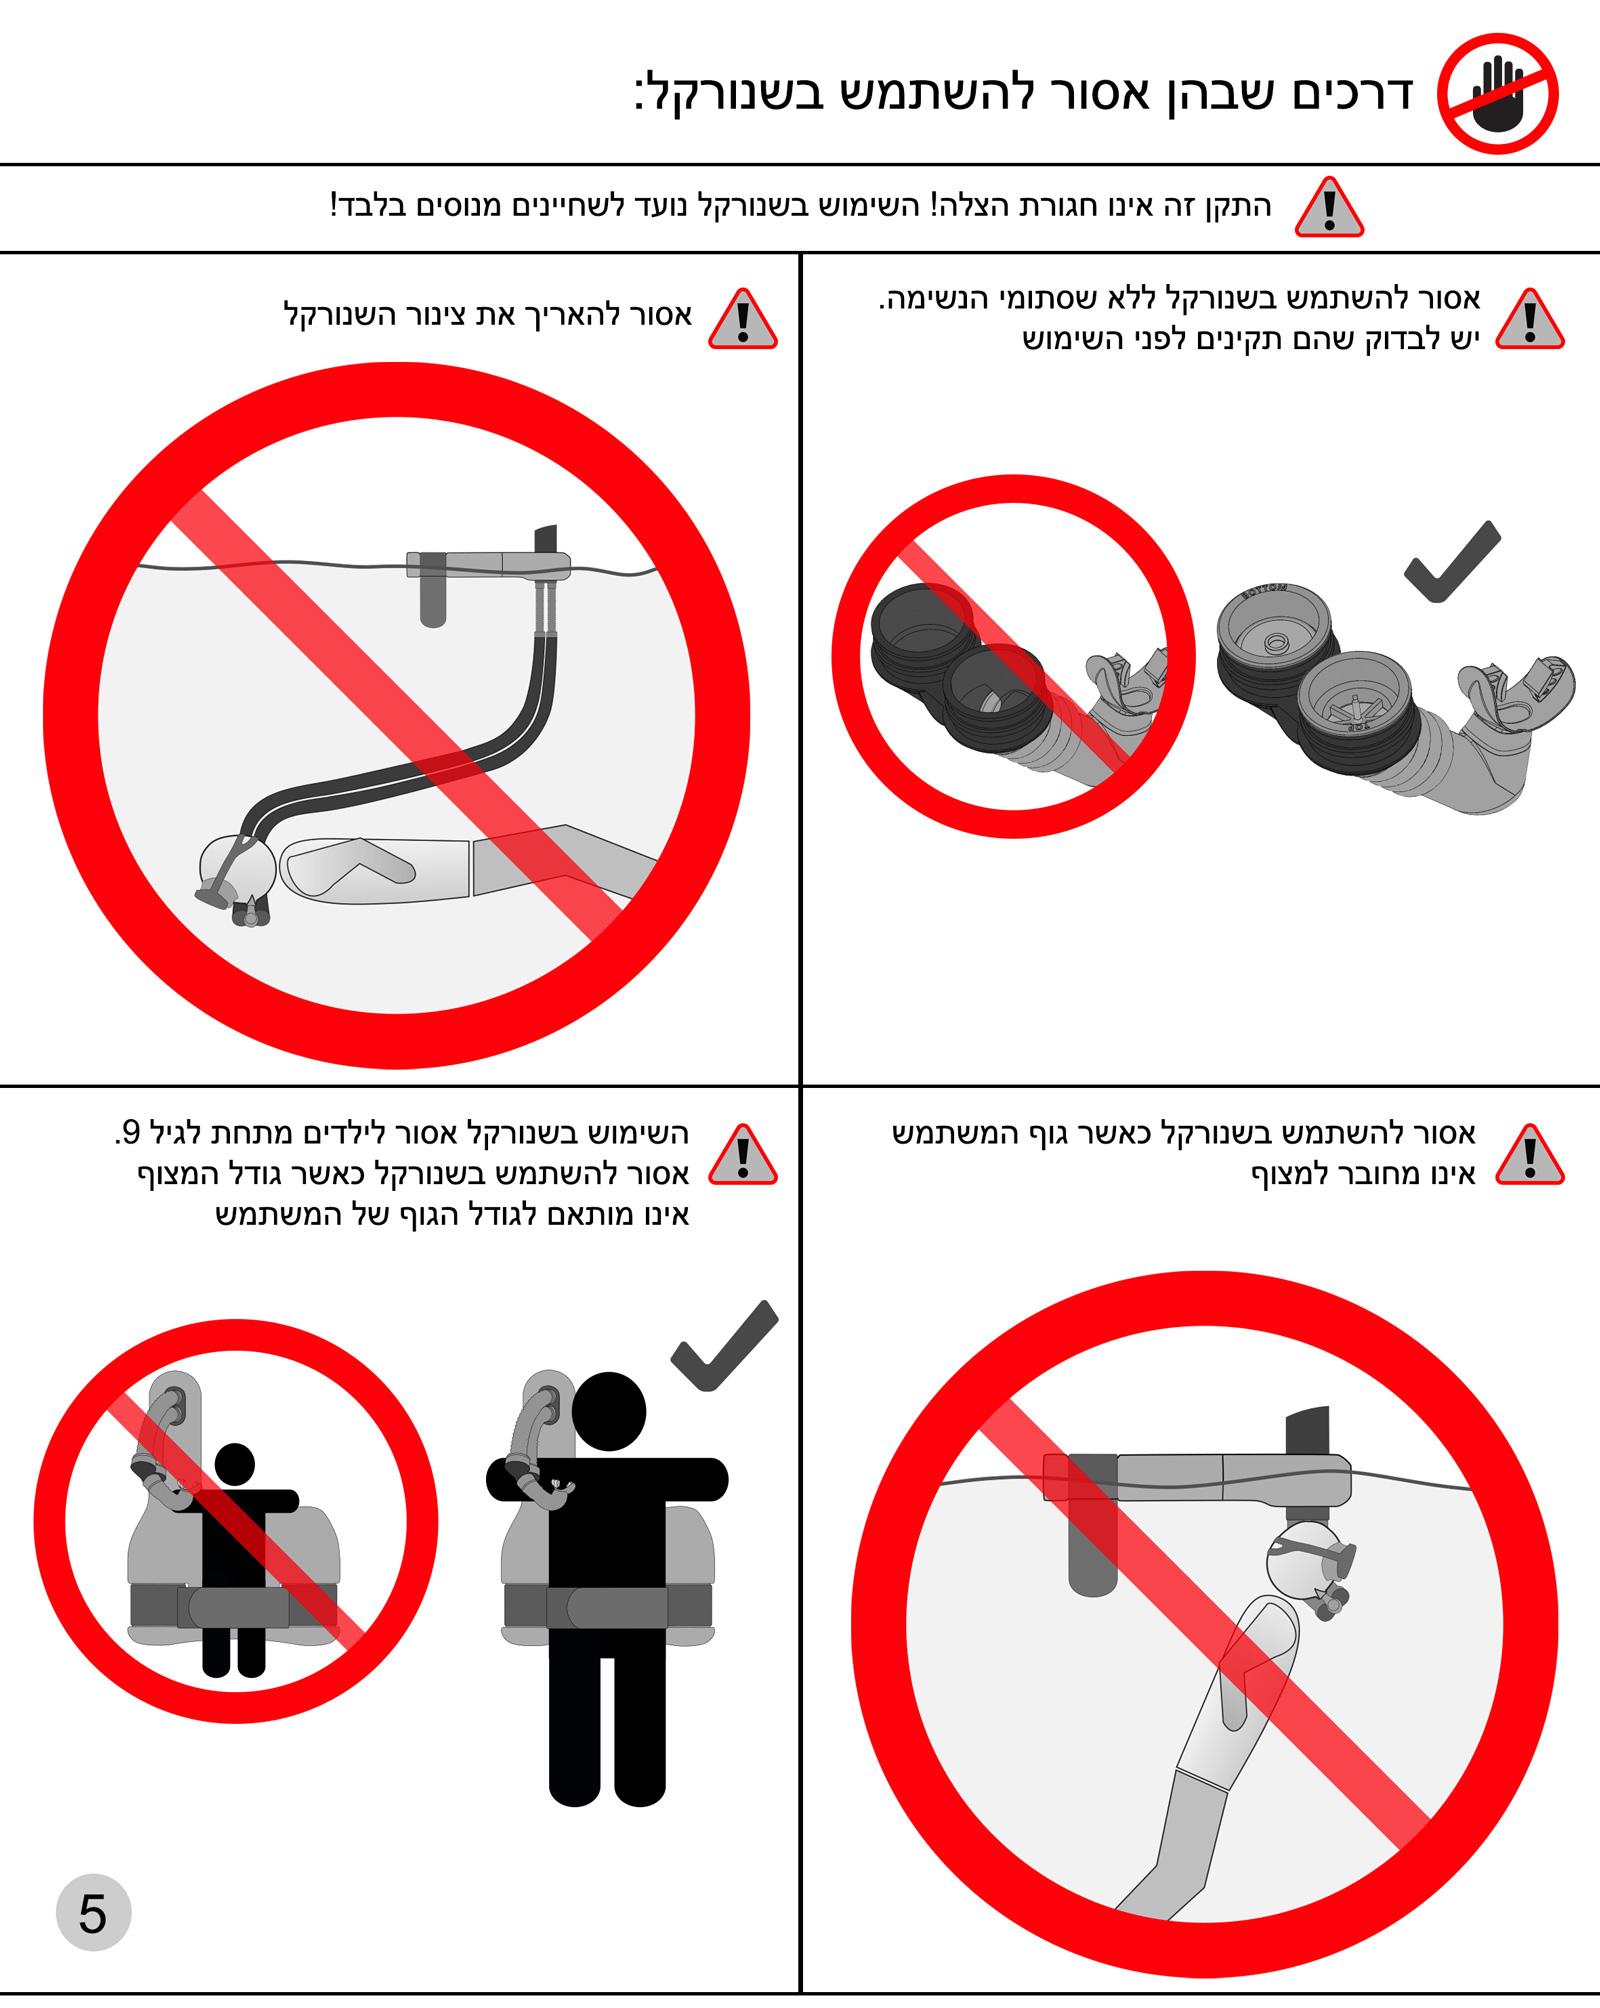 מדריך לשנורקלינג תמונה של עמוד מספר 5